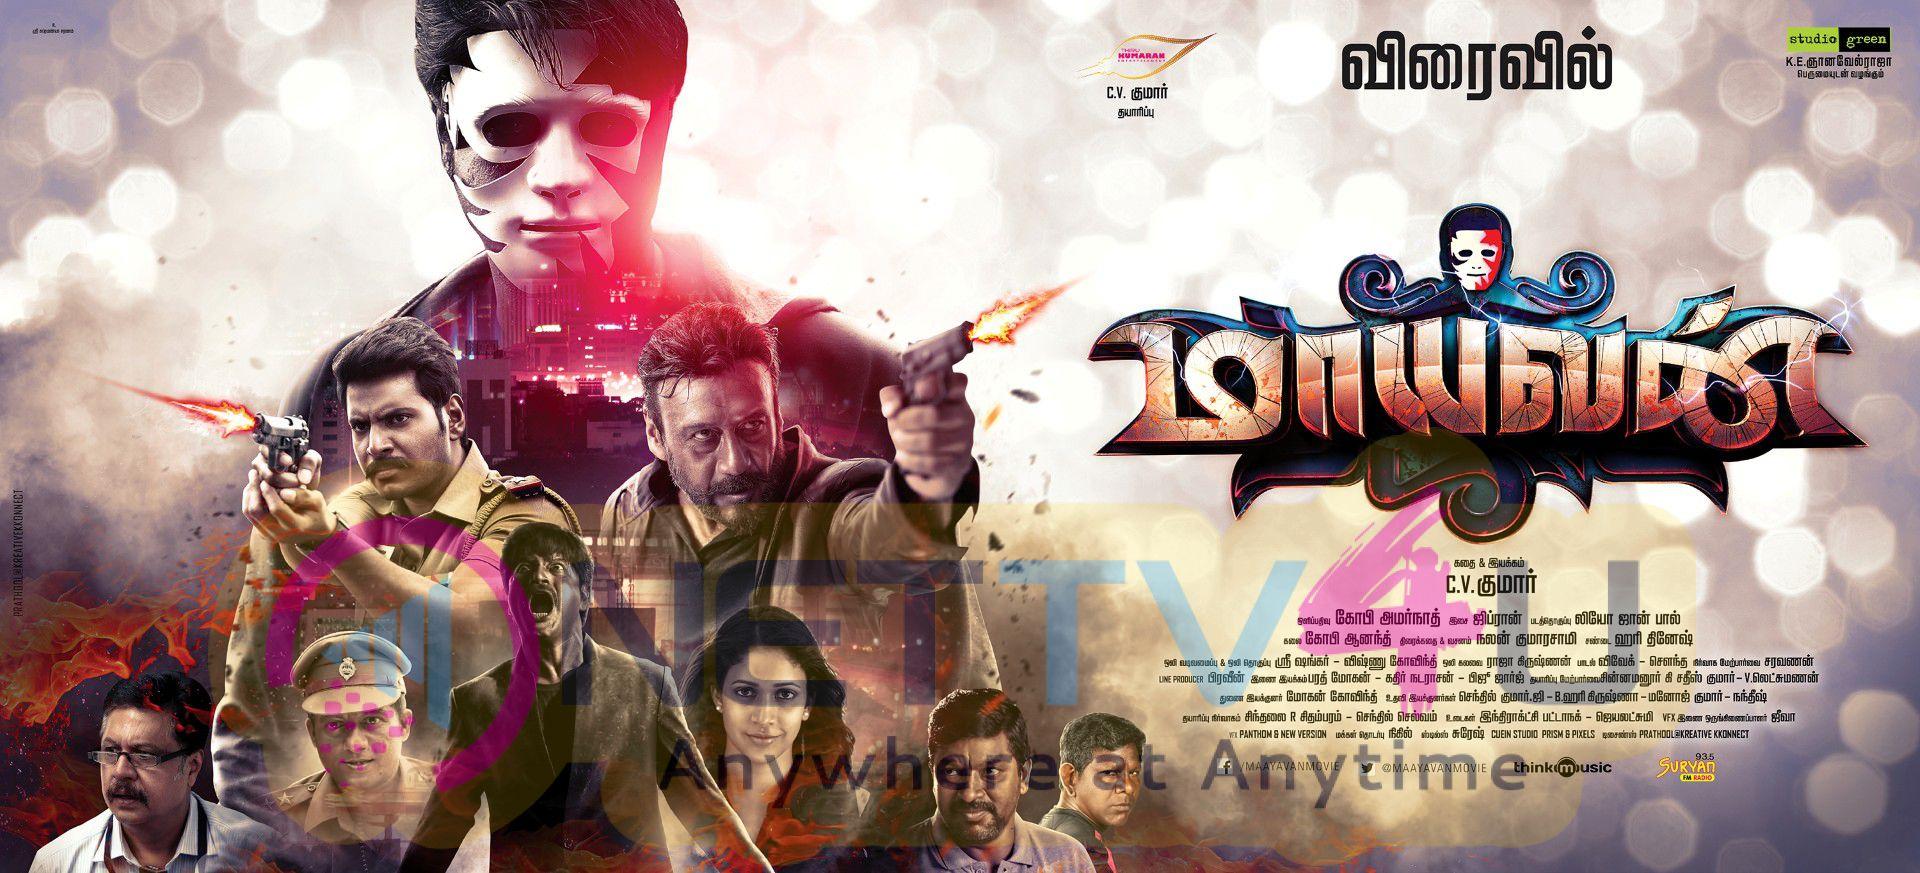 Maayavan Movie New Posters Released